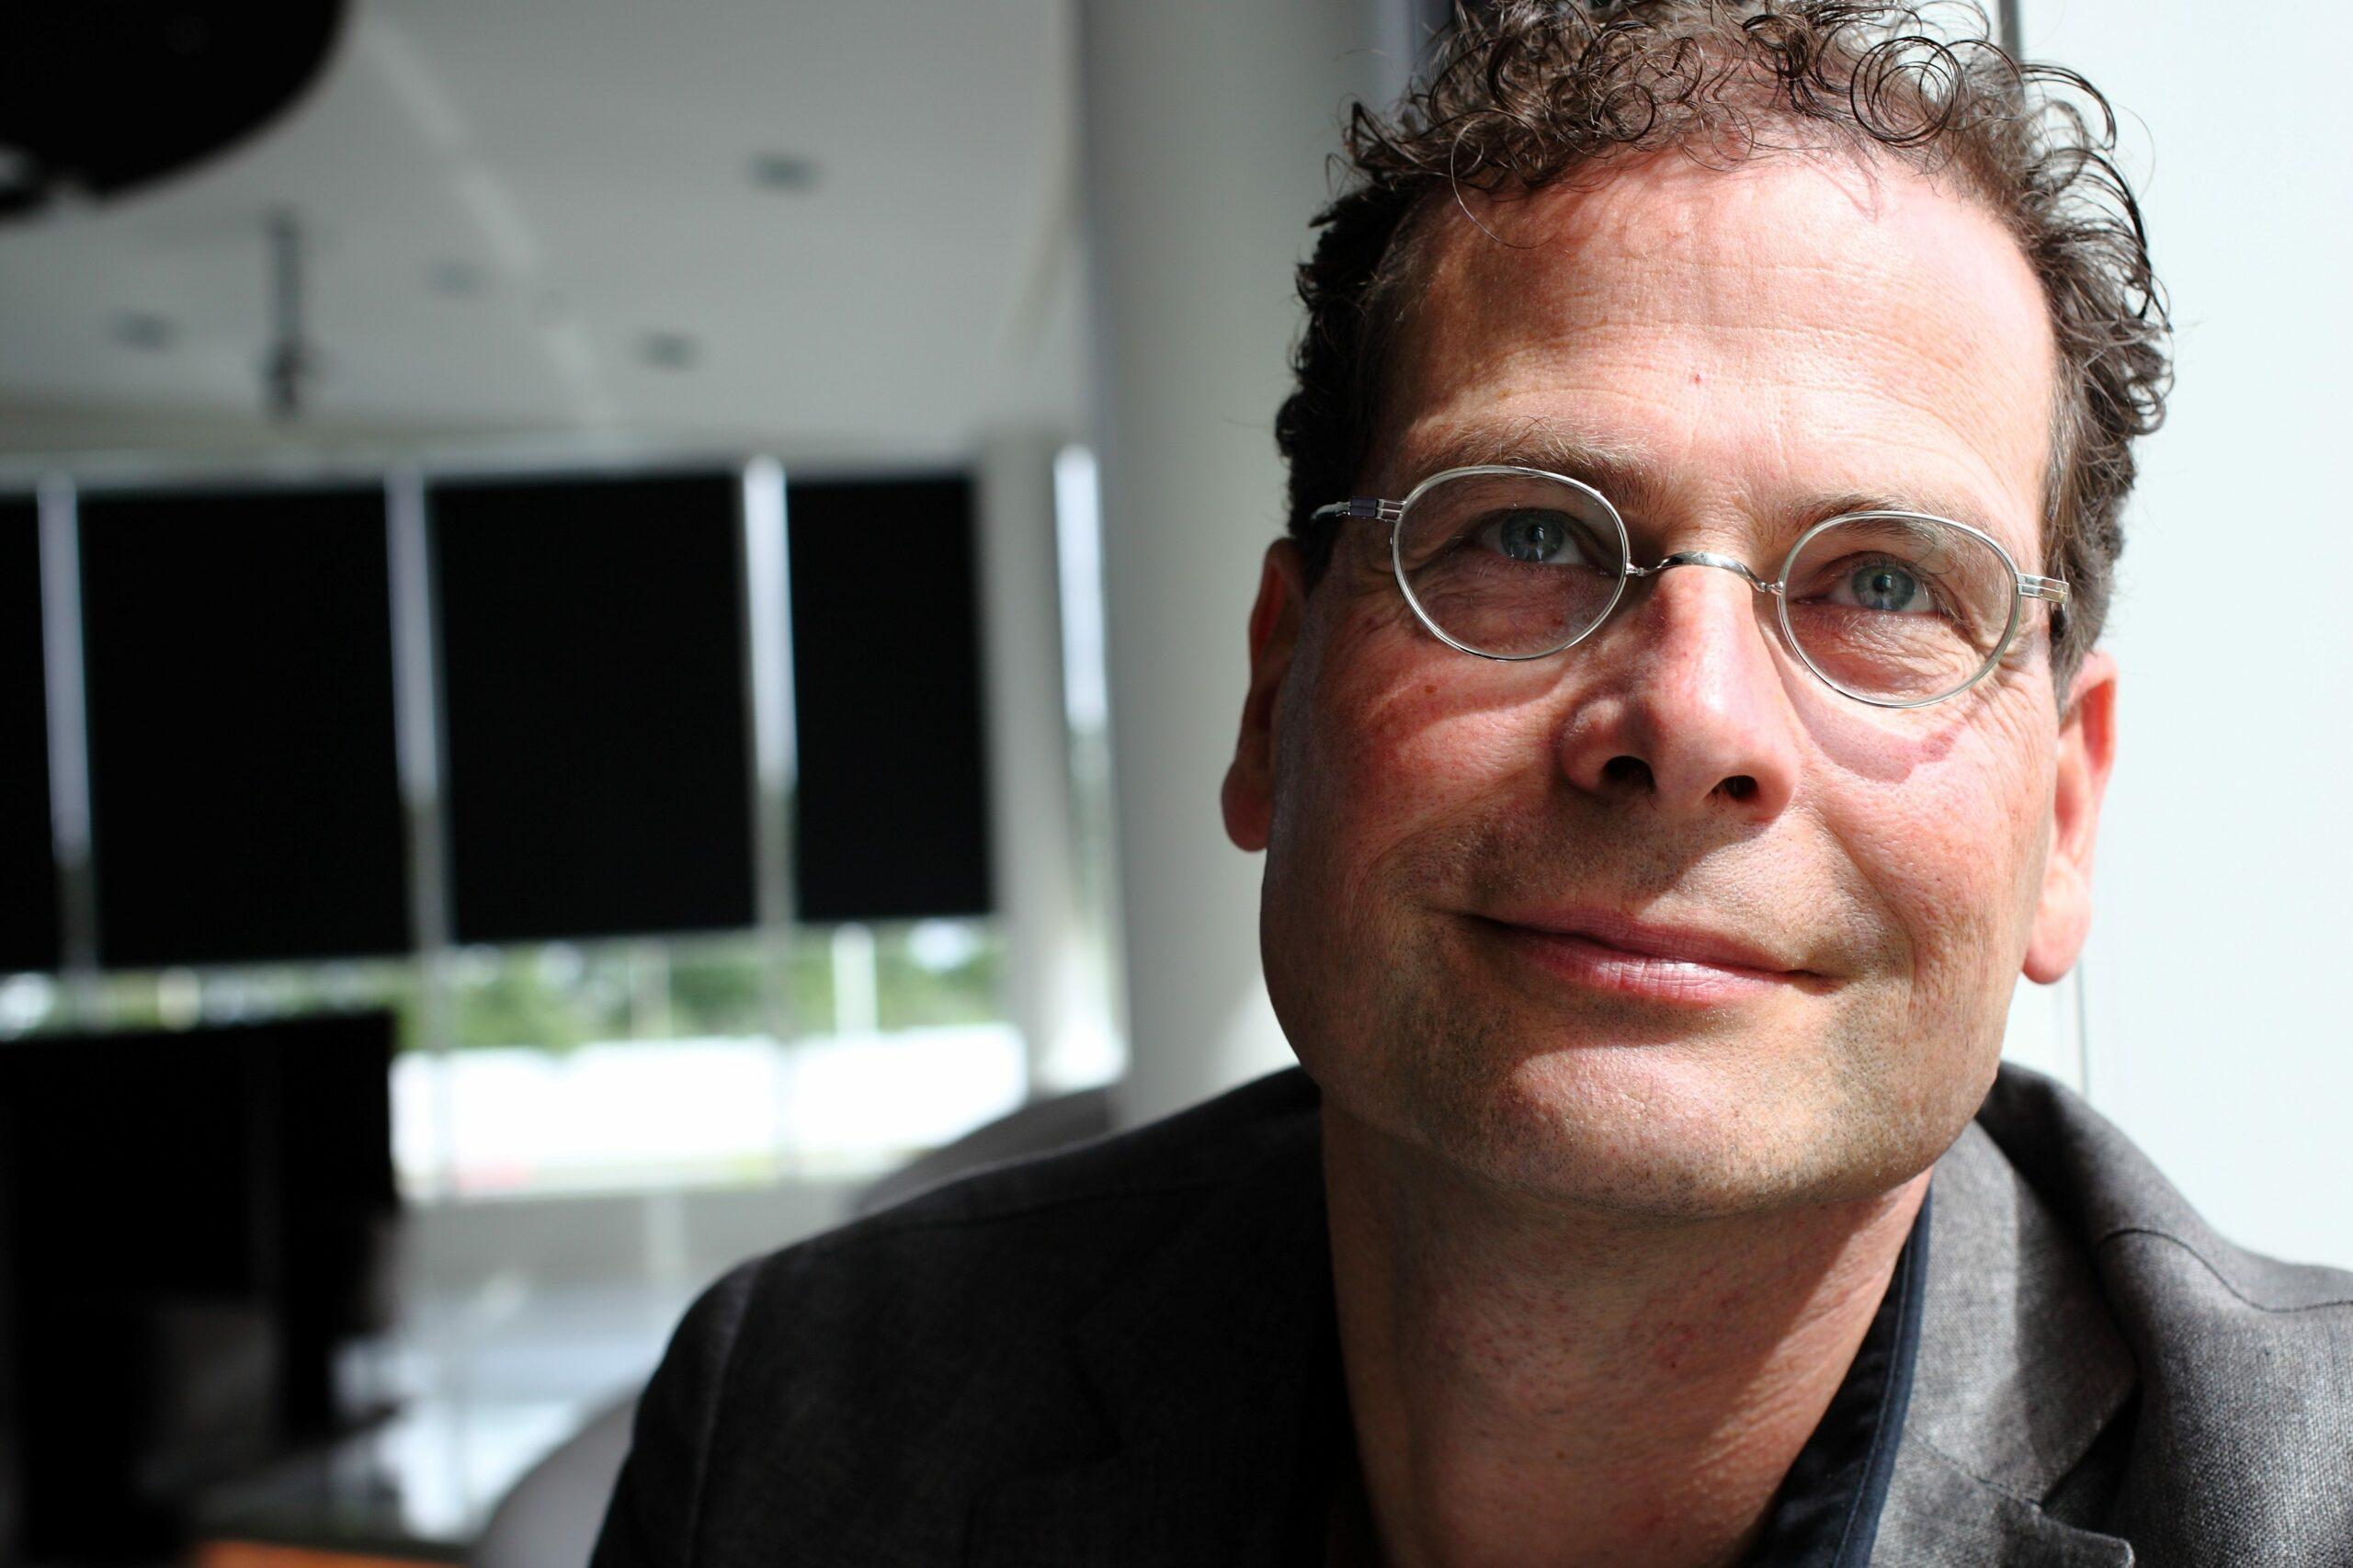 Erik van Engelen (Eneco) over Start Ups met de béste marketing: 'Het begint allemaal met de magic'